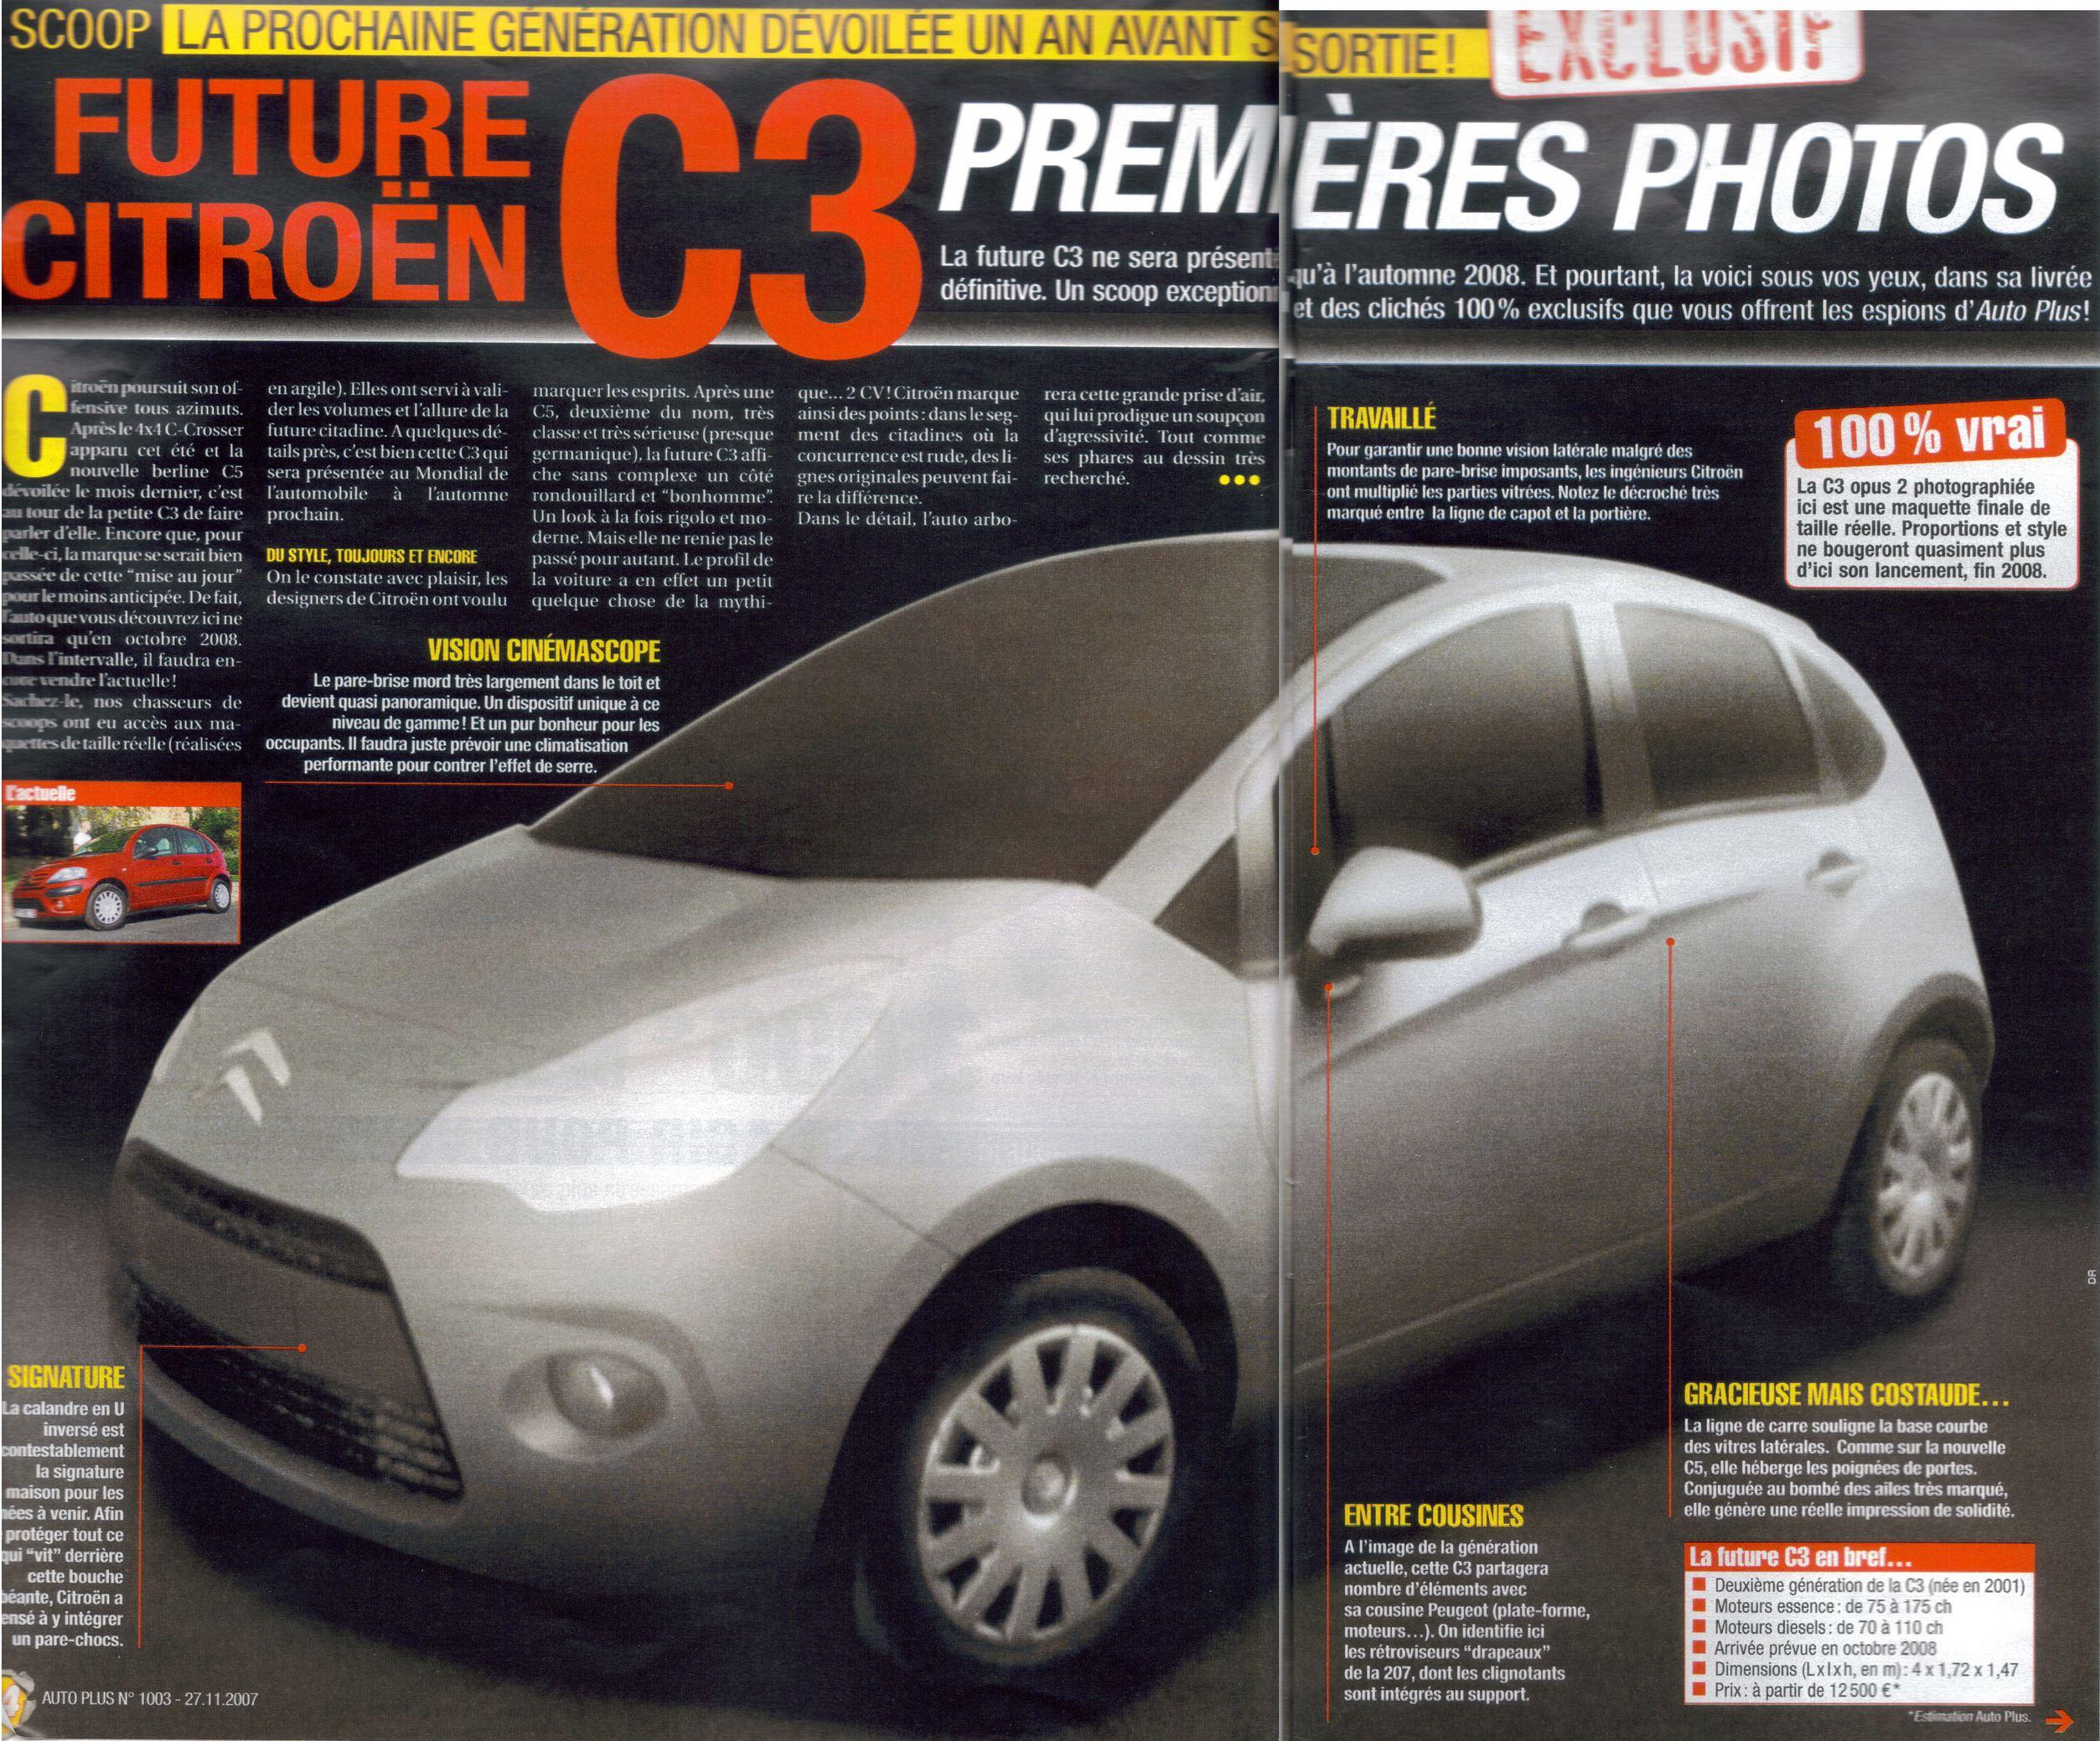 [Sujet officiel] Les photoshops de l'époque - Page 7 S0-Future-Citroen-C3-II-c-est-elle-sondages-90112